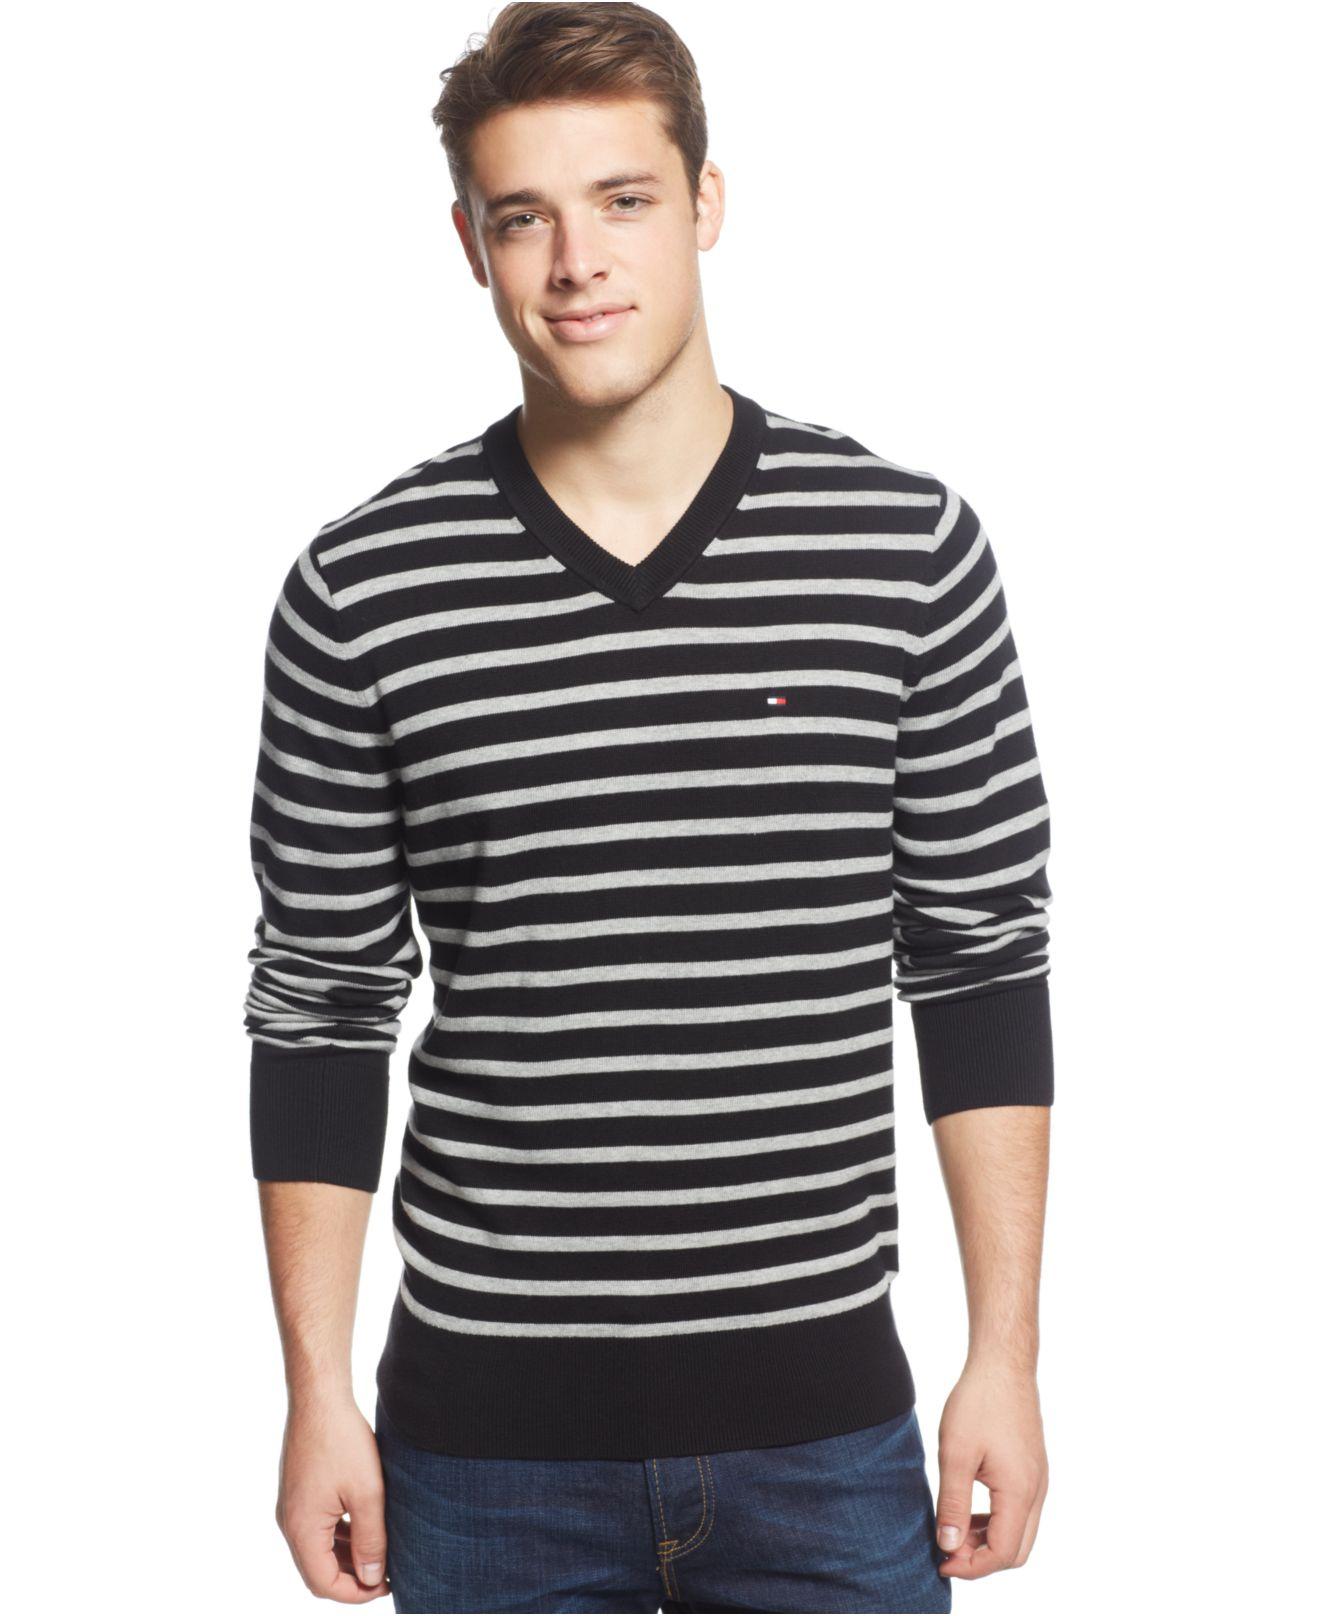 tommy hilfiger signature striped v neck sweater in black. Black Bedroom Furniture Sets. Home Design Ideas